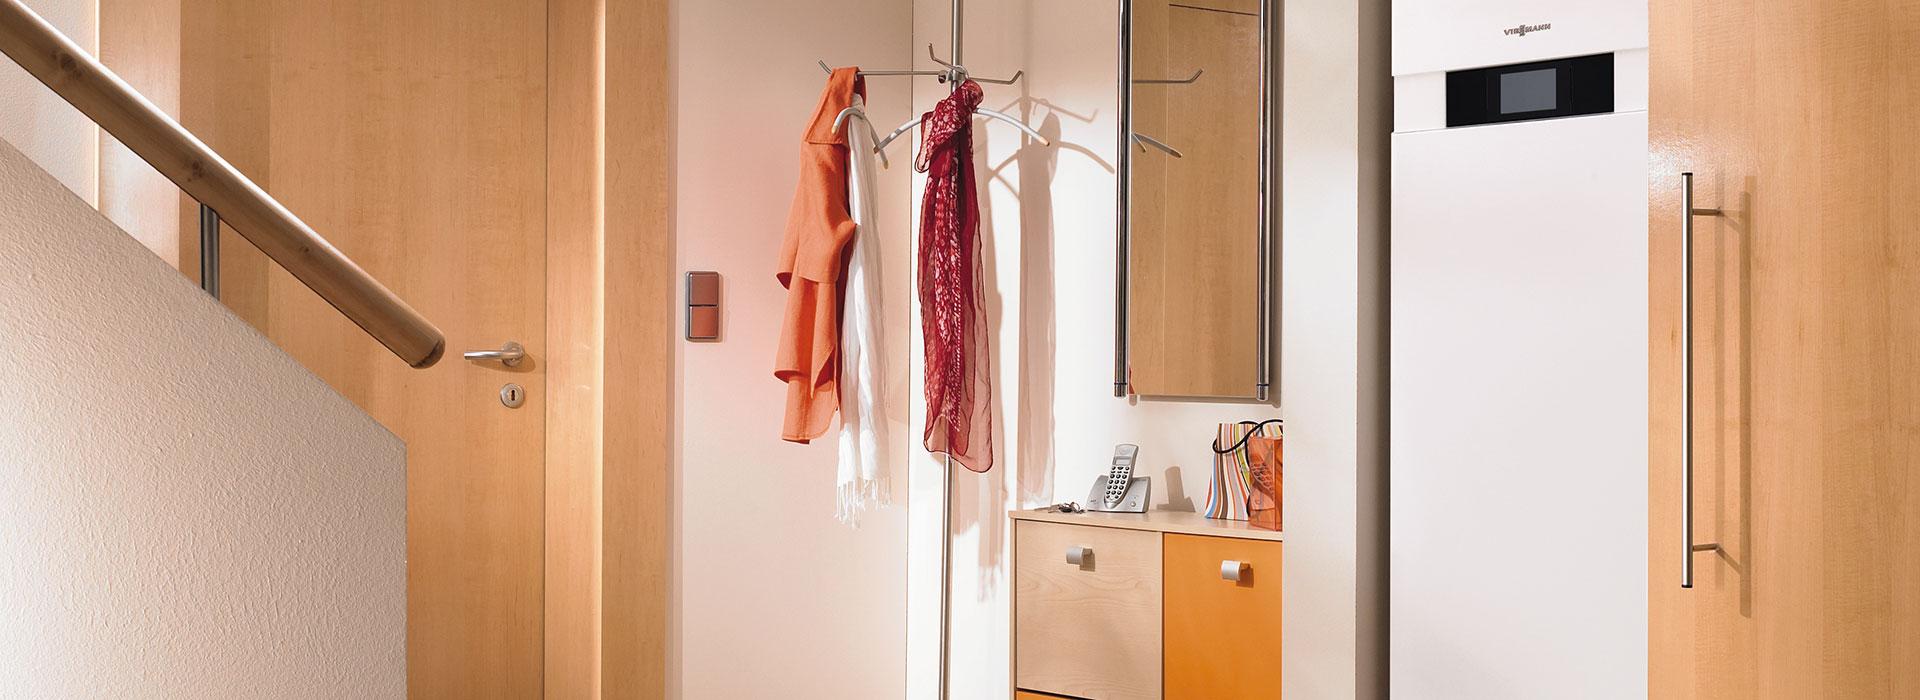 mario hanschke gmbh heizen mit kraft w rme kopplung. Black Bedroom Furniture Sets. Home Design Ideas